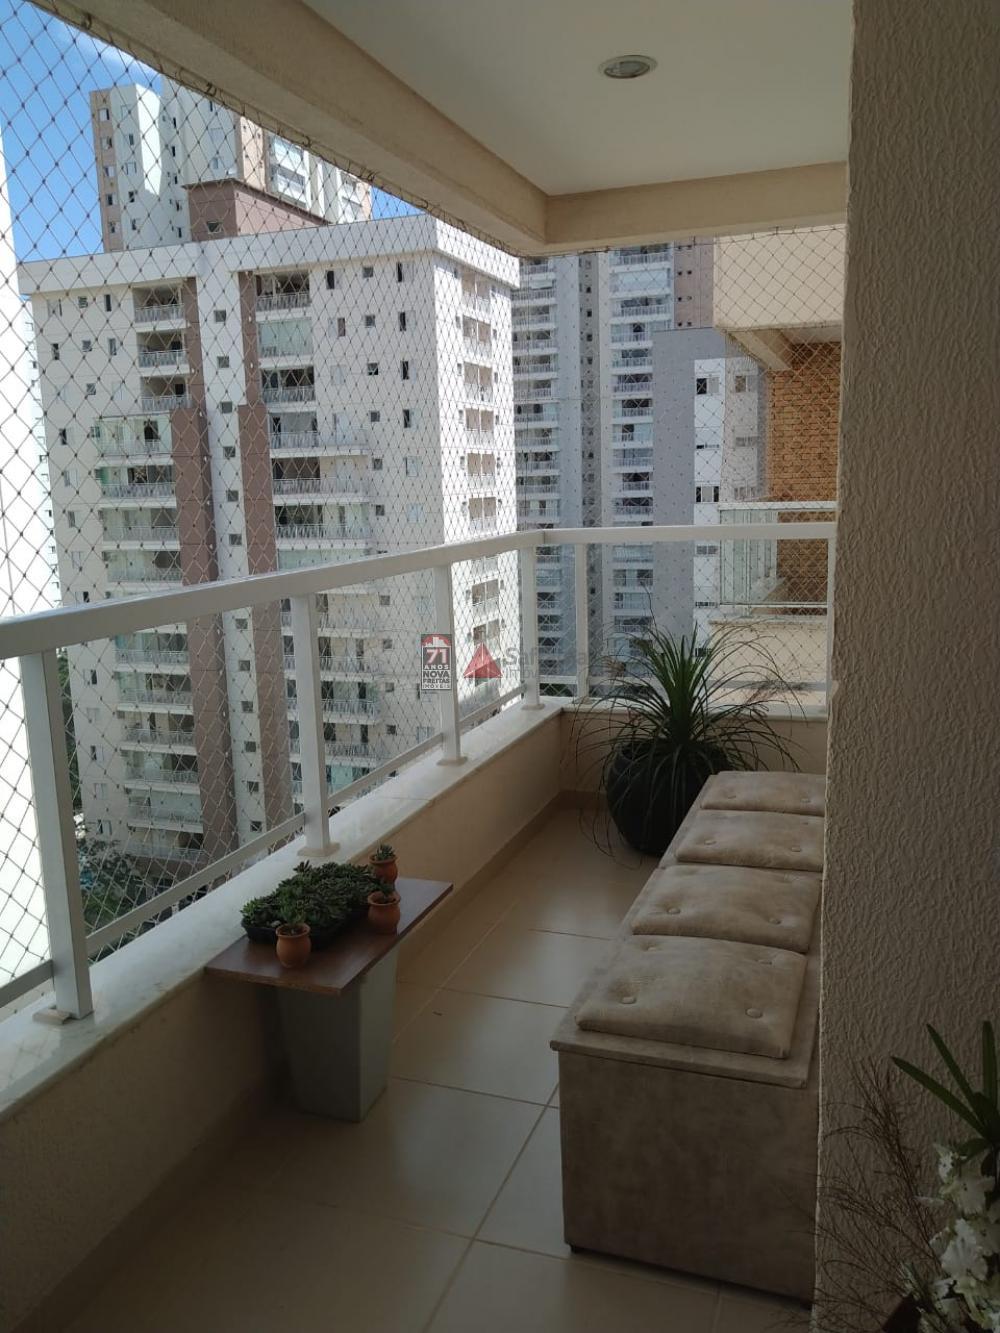 Comprar Apartamento / Padrão em São José dos Campos apenas R$ 630.000,00 - Foto 2